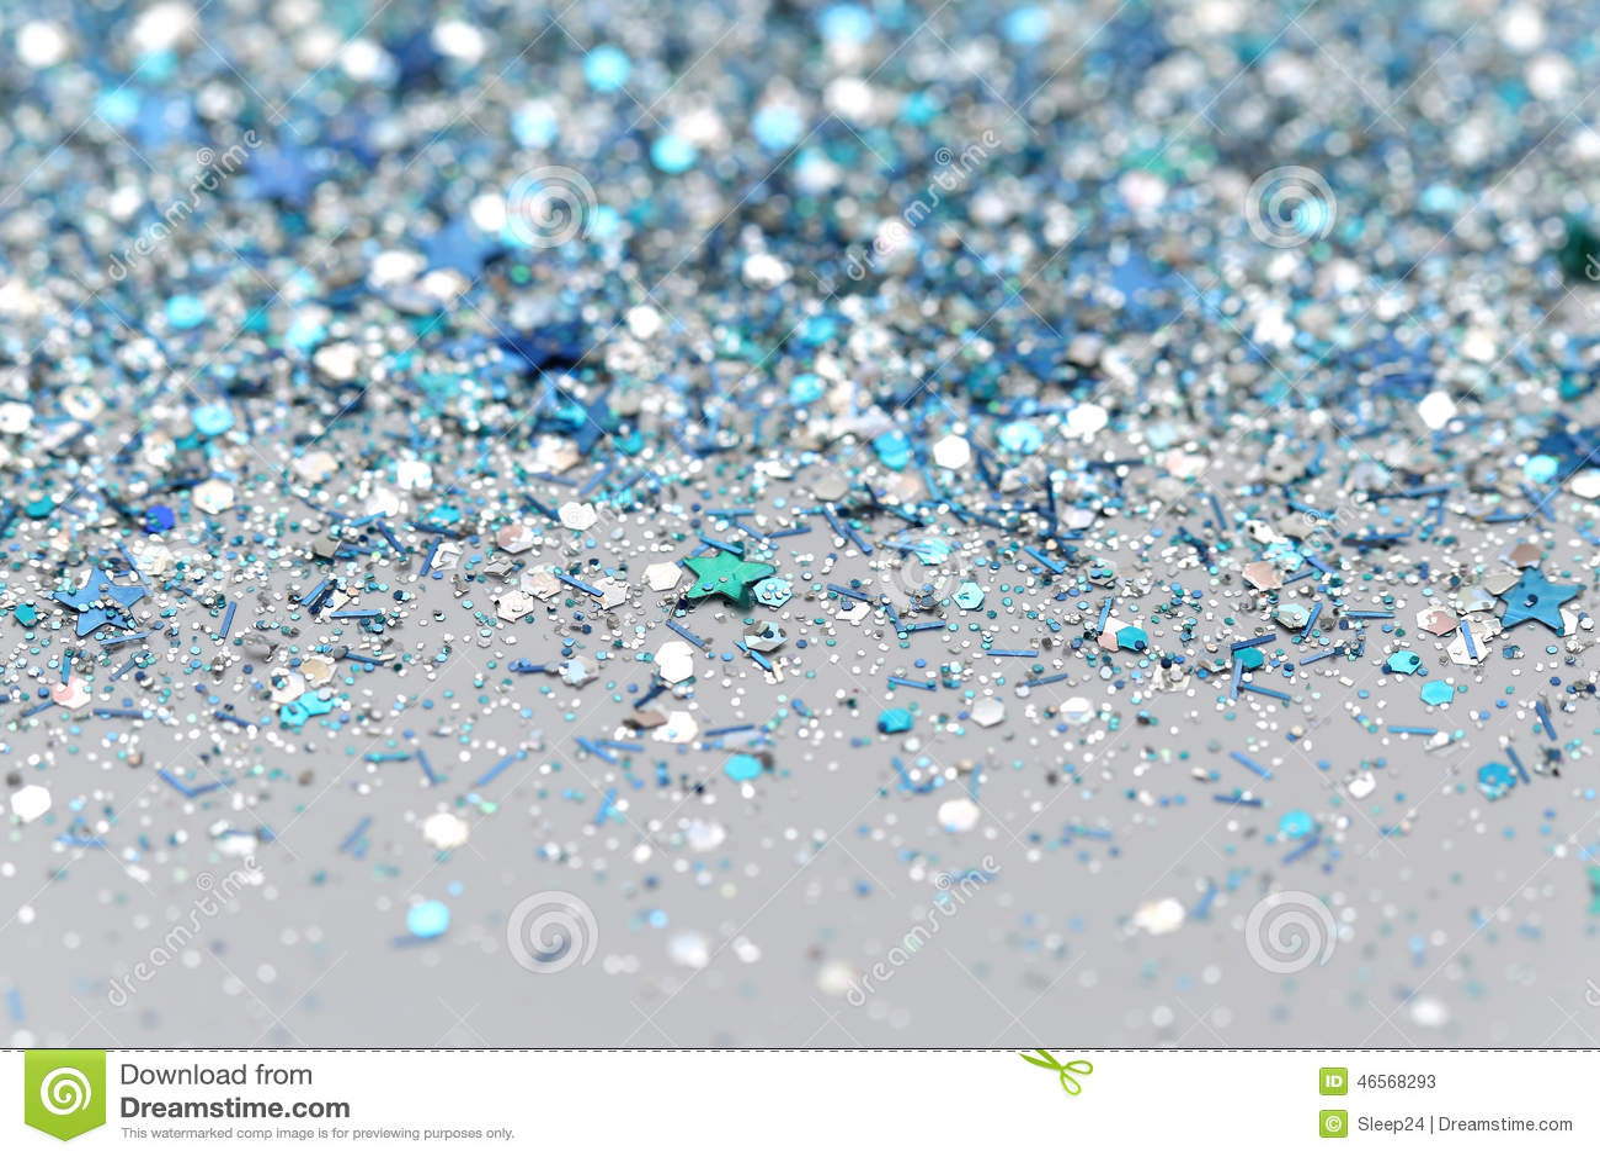 Blauer und silberner gefrorener Schnee-Winter-funkelnder Stern-Funkelnhintergrund Feiertag, Weihnachten, Zusammenfassungsbeschaff